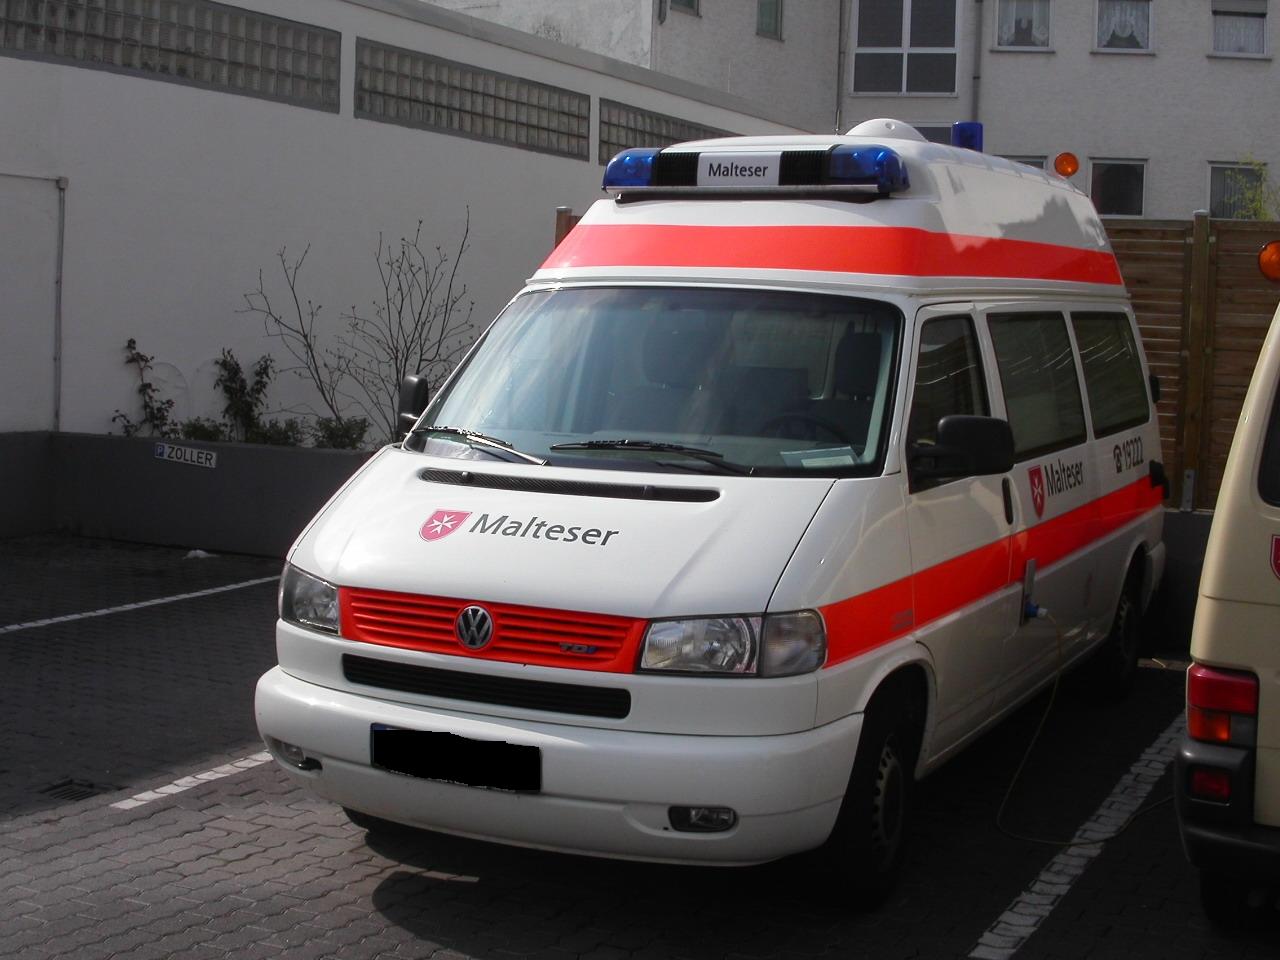 Beispiel eines Krankentransportwagens mit Hochdachauf Basis eines VW T4 (Malteser Hilfsdienst)